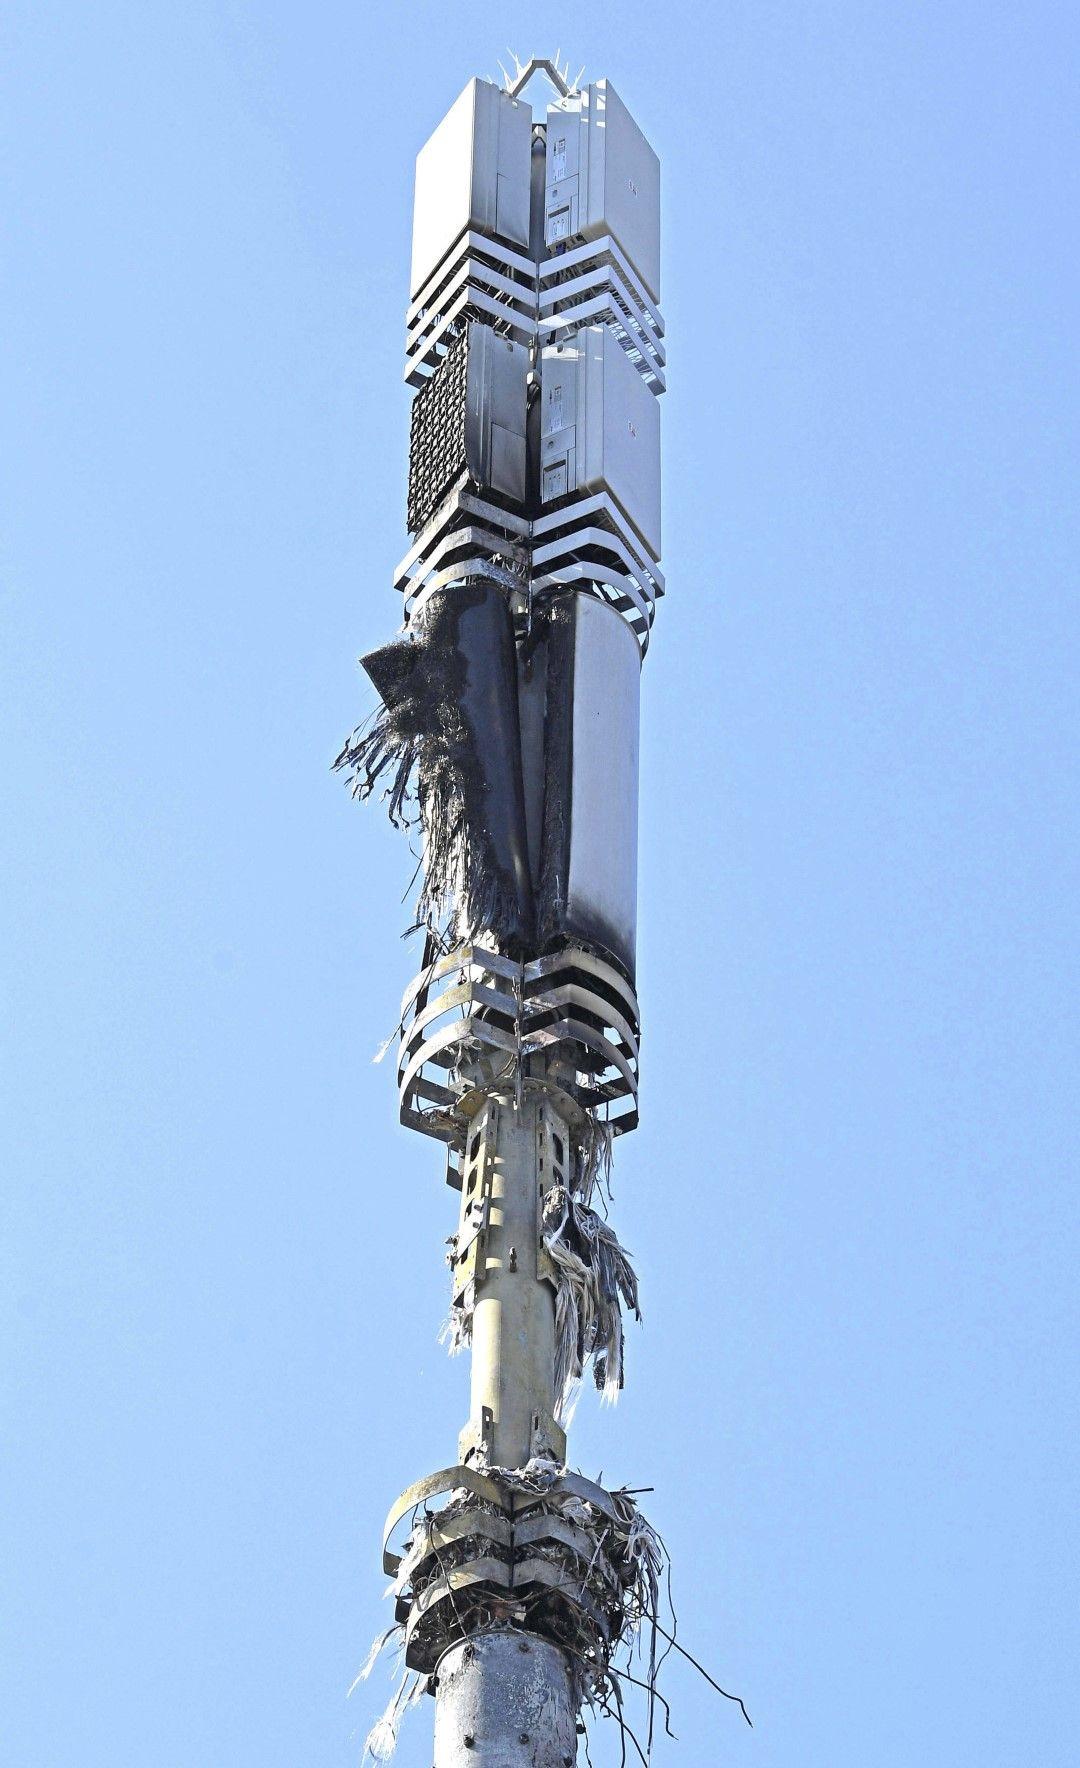 Кула на мобилен оператор, поразена от умишлен палеж в Дагенхам, Великобритания, 14 април